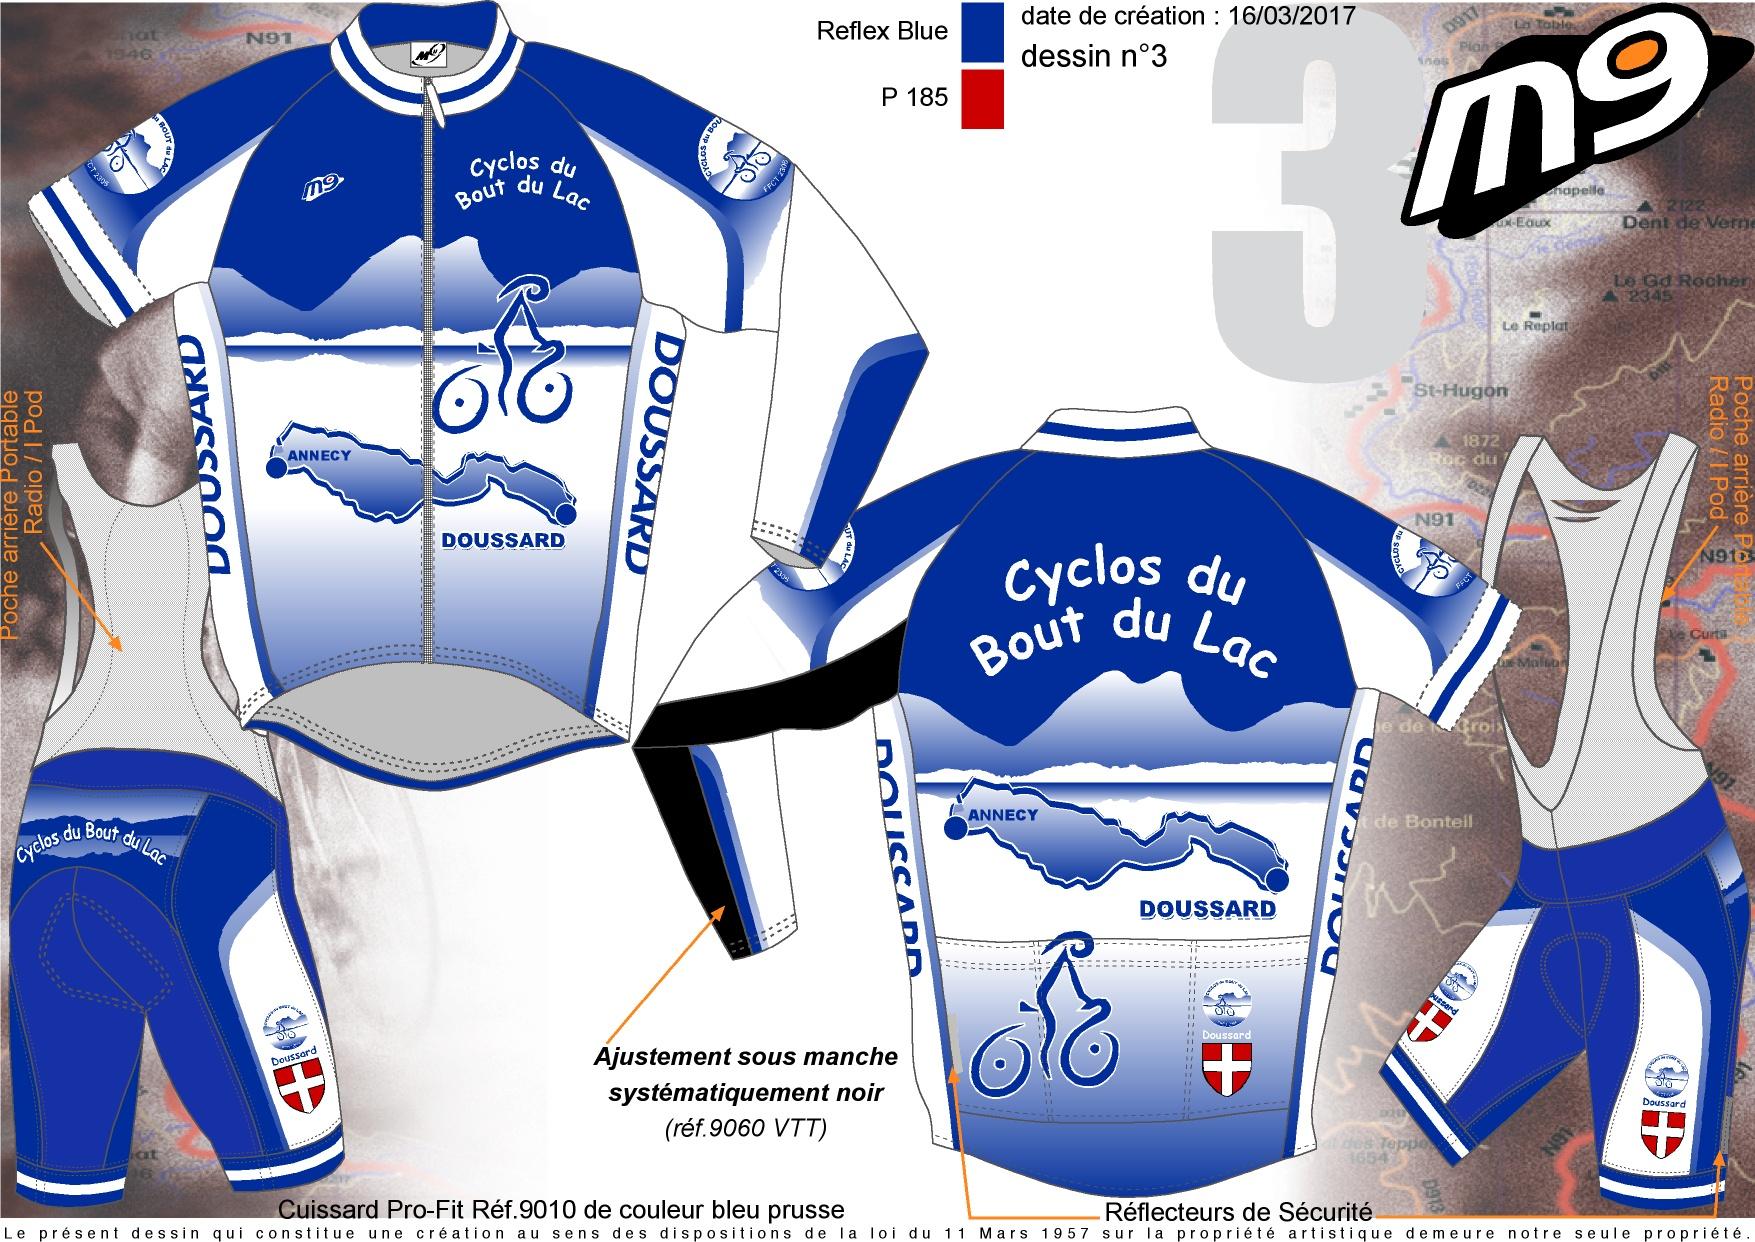 74ol3-Cyclos Bout du Lac.jpg